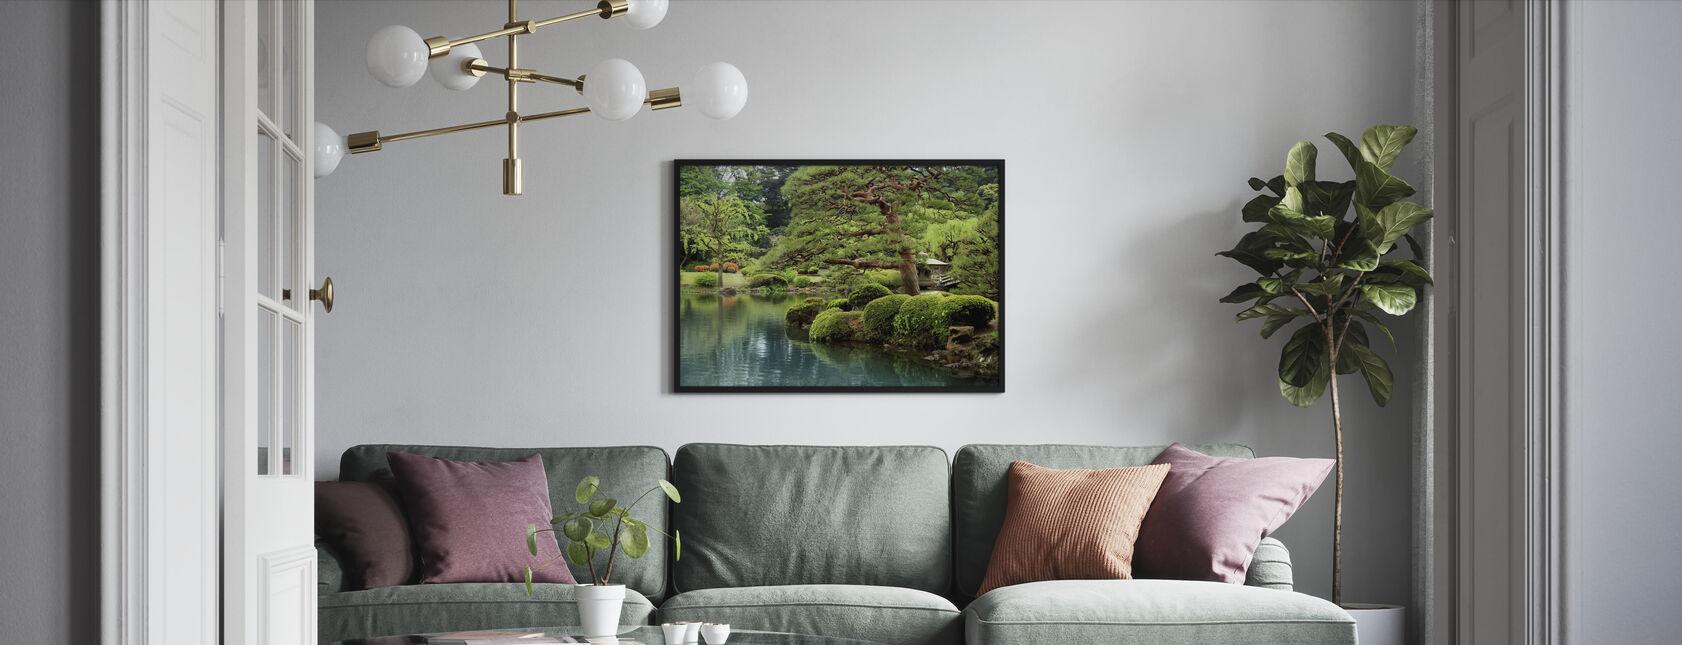 Calm Zen Lake and Bonsai Trees in Tokyo Garden - Framed print - Living Room